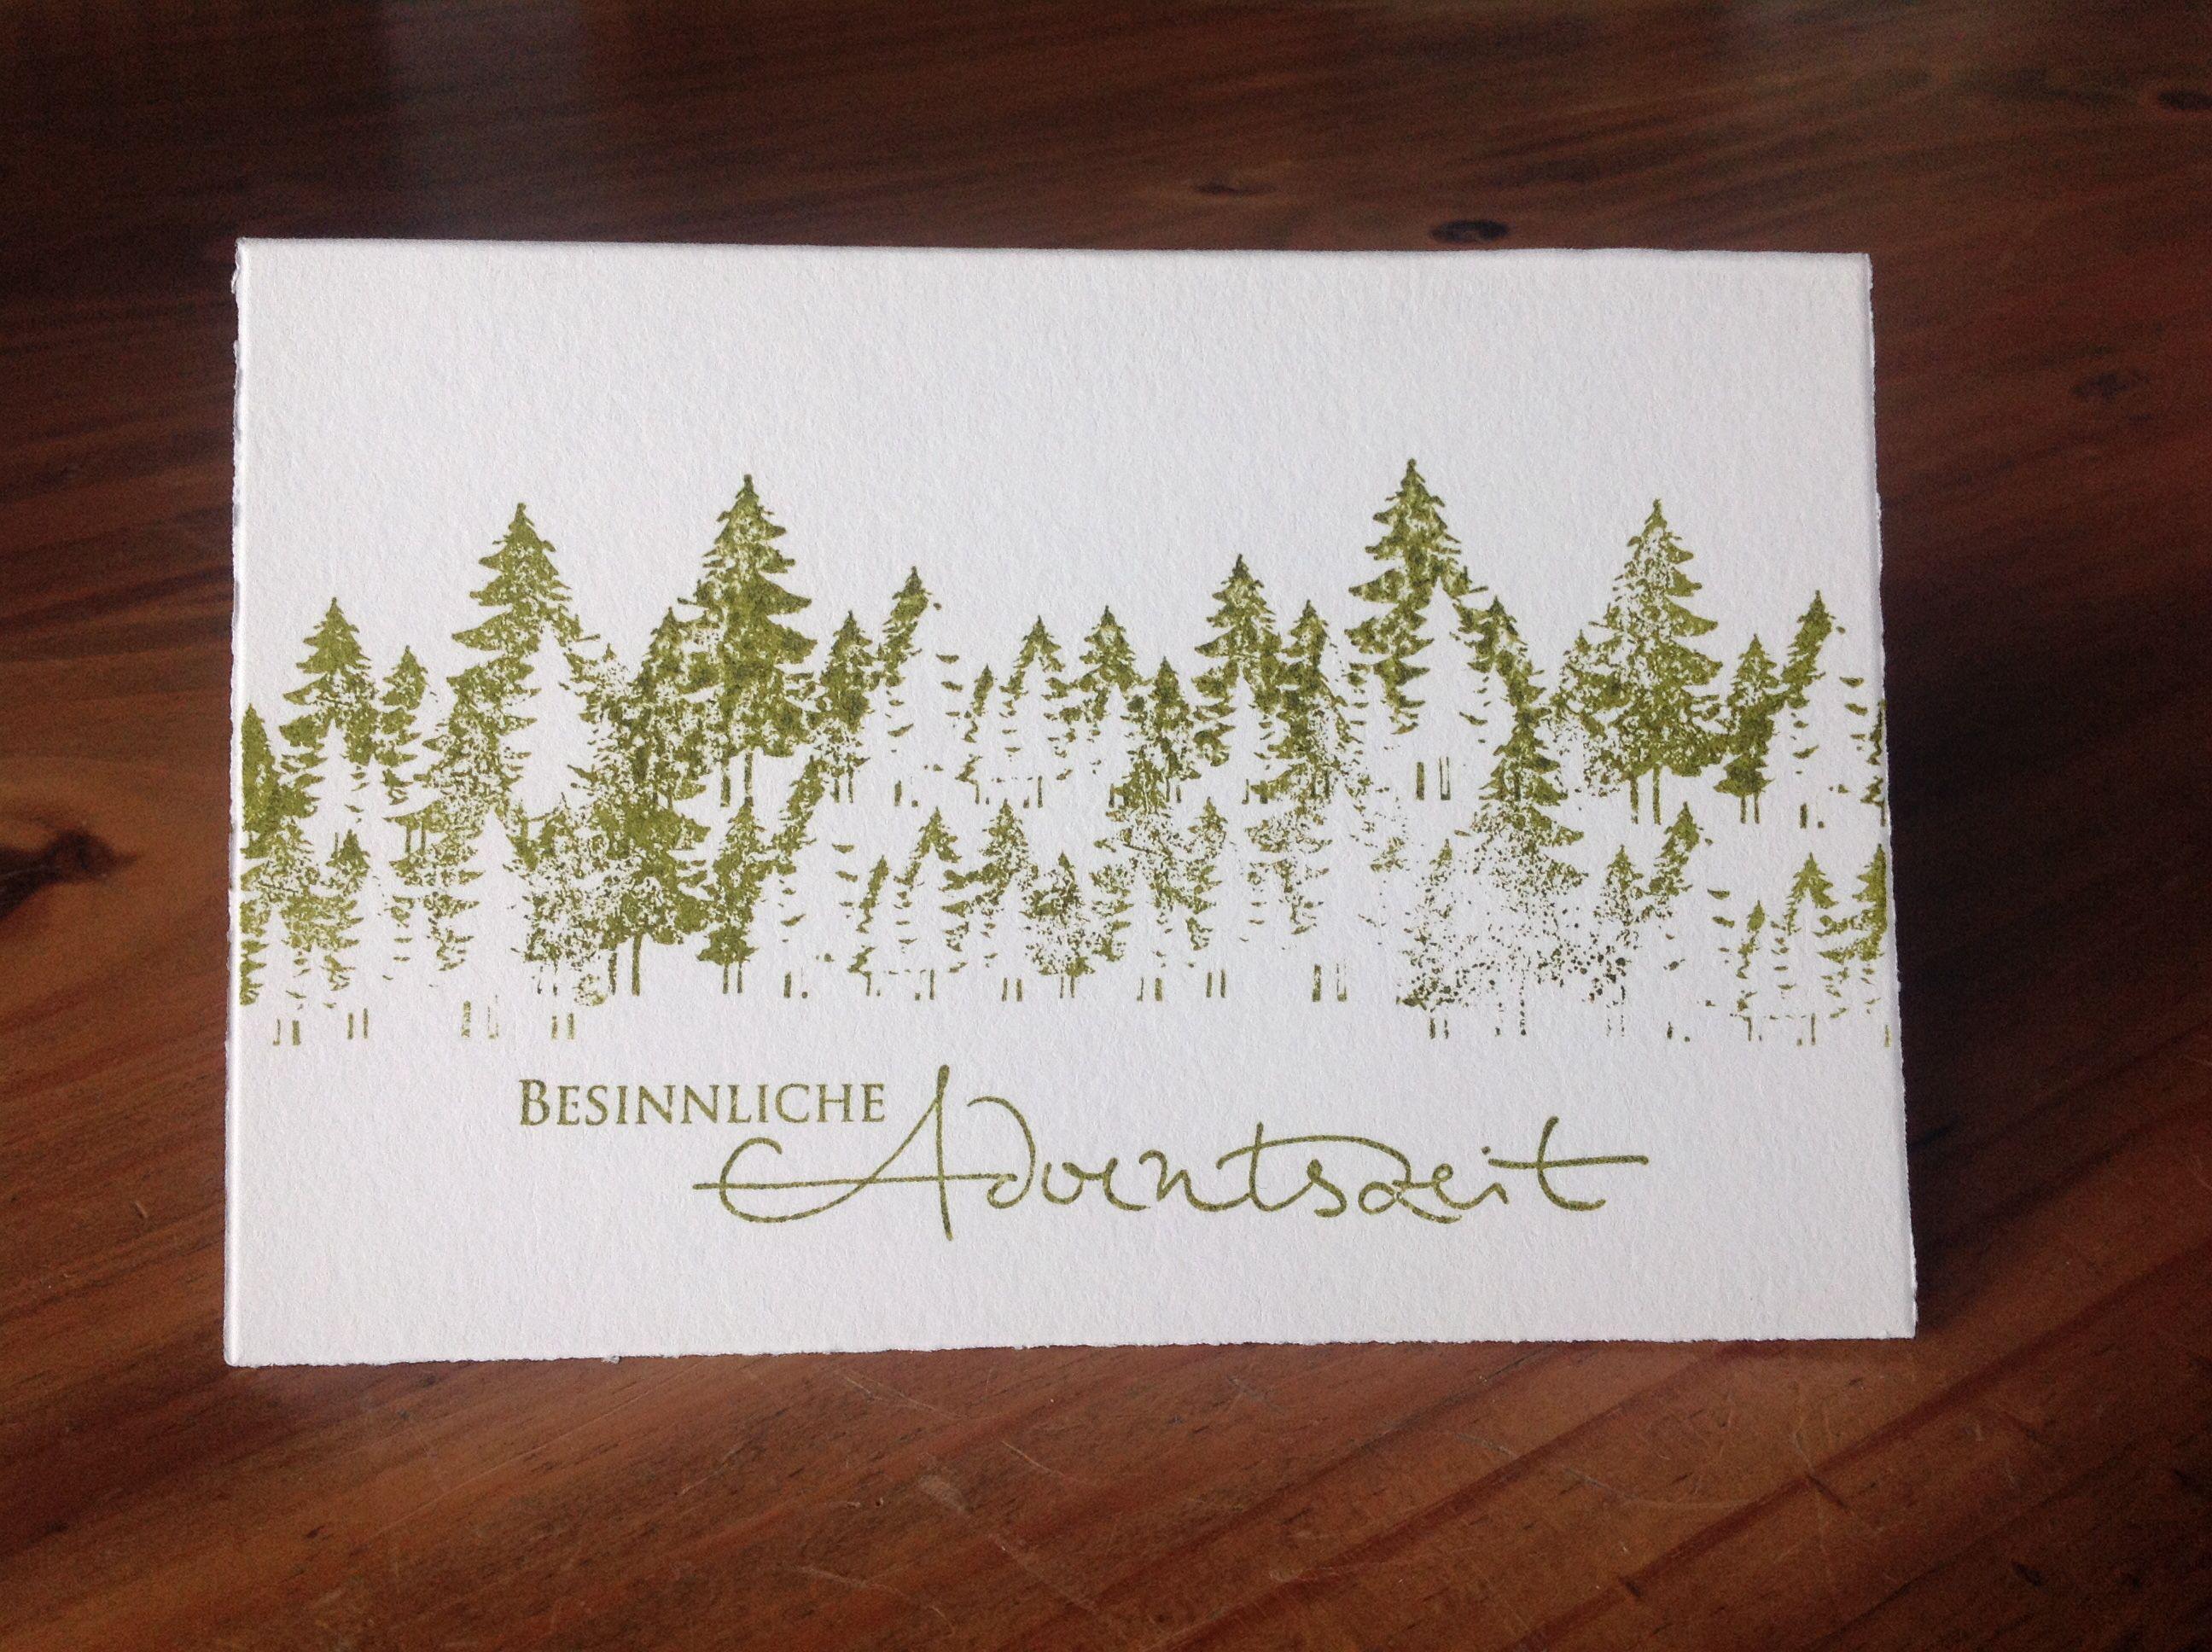 Weihnachtskarte tannenwald stempel alexandra renke meine weihnachtskarten pinterest - Amerikanische weihnachtskarten ...